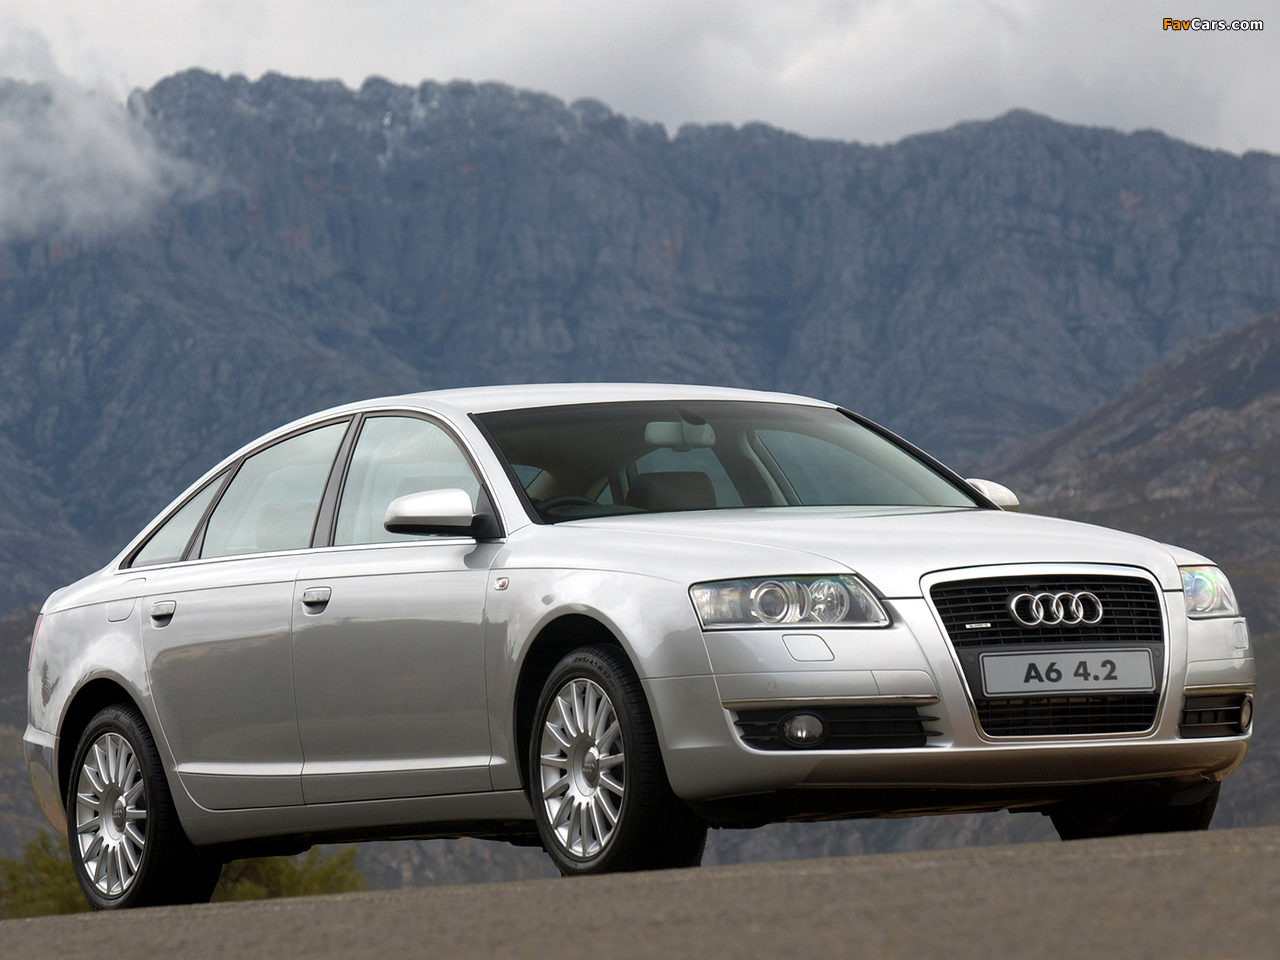 Audi A6 4 2 Quattro Sedan Za Spec 4f C6 2005 08 Images